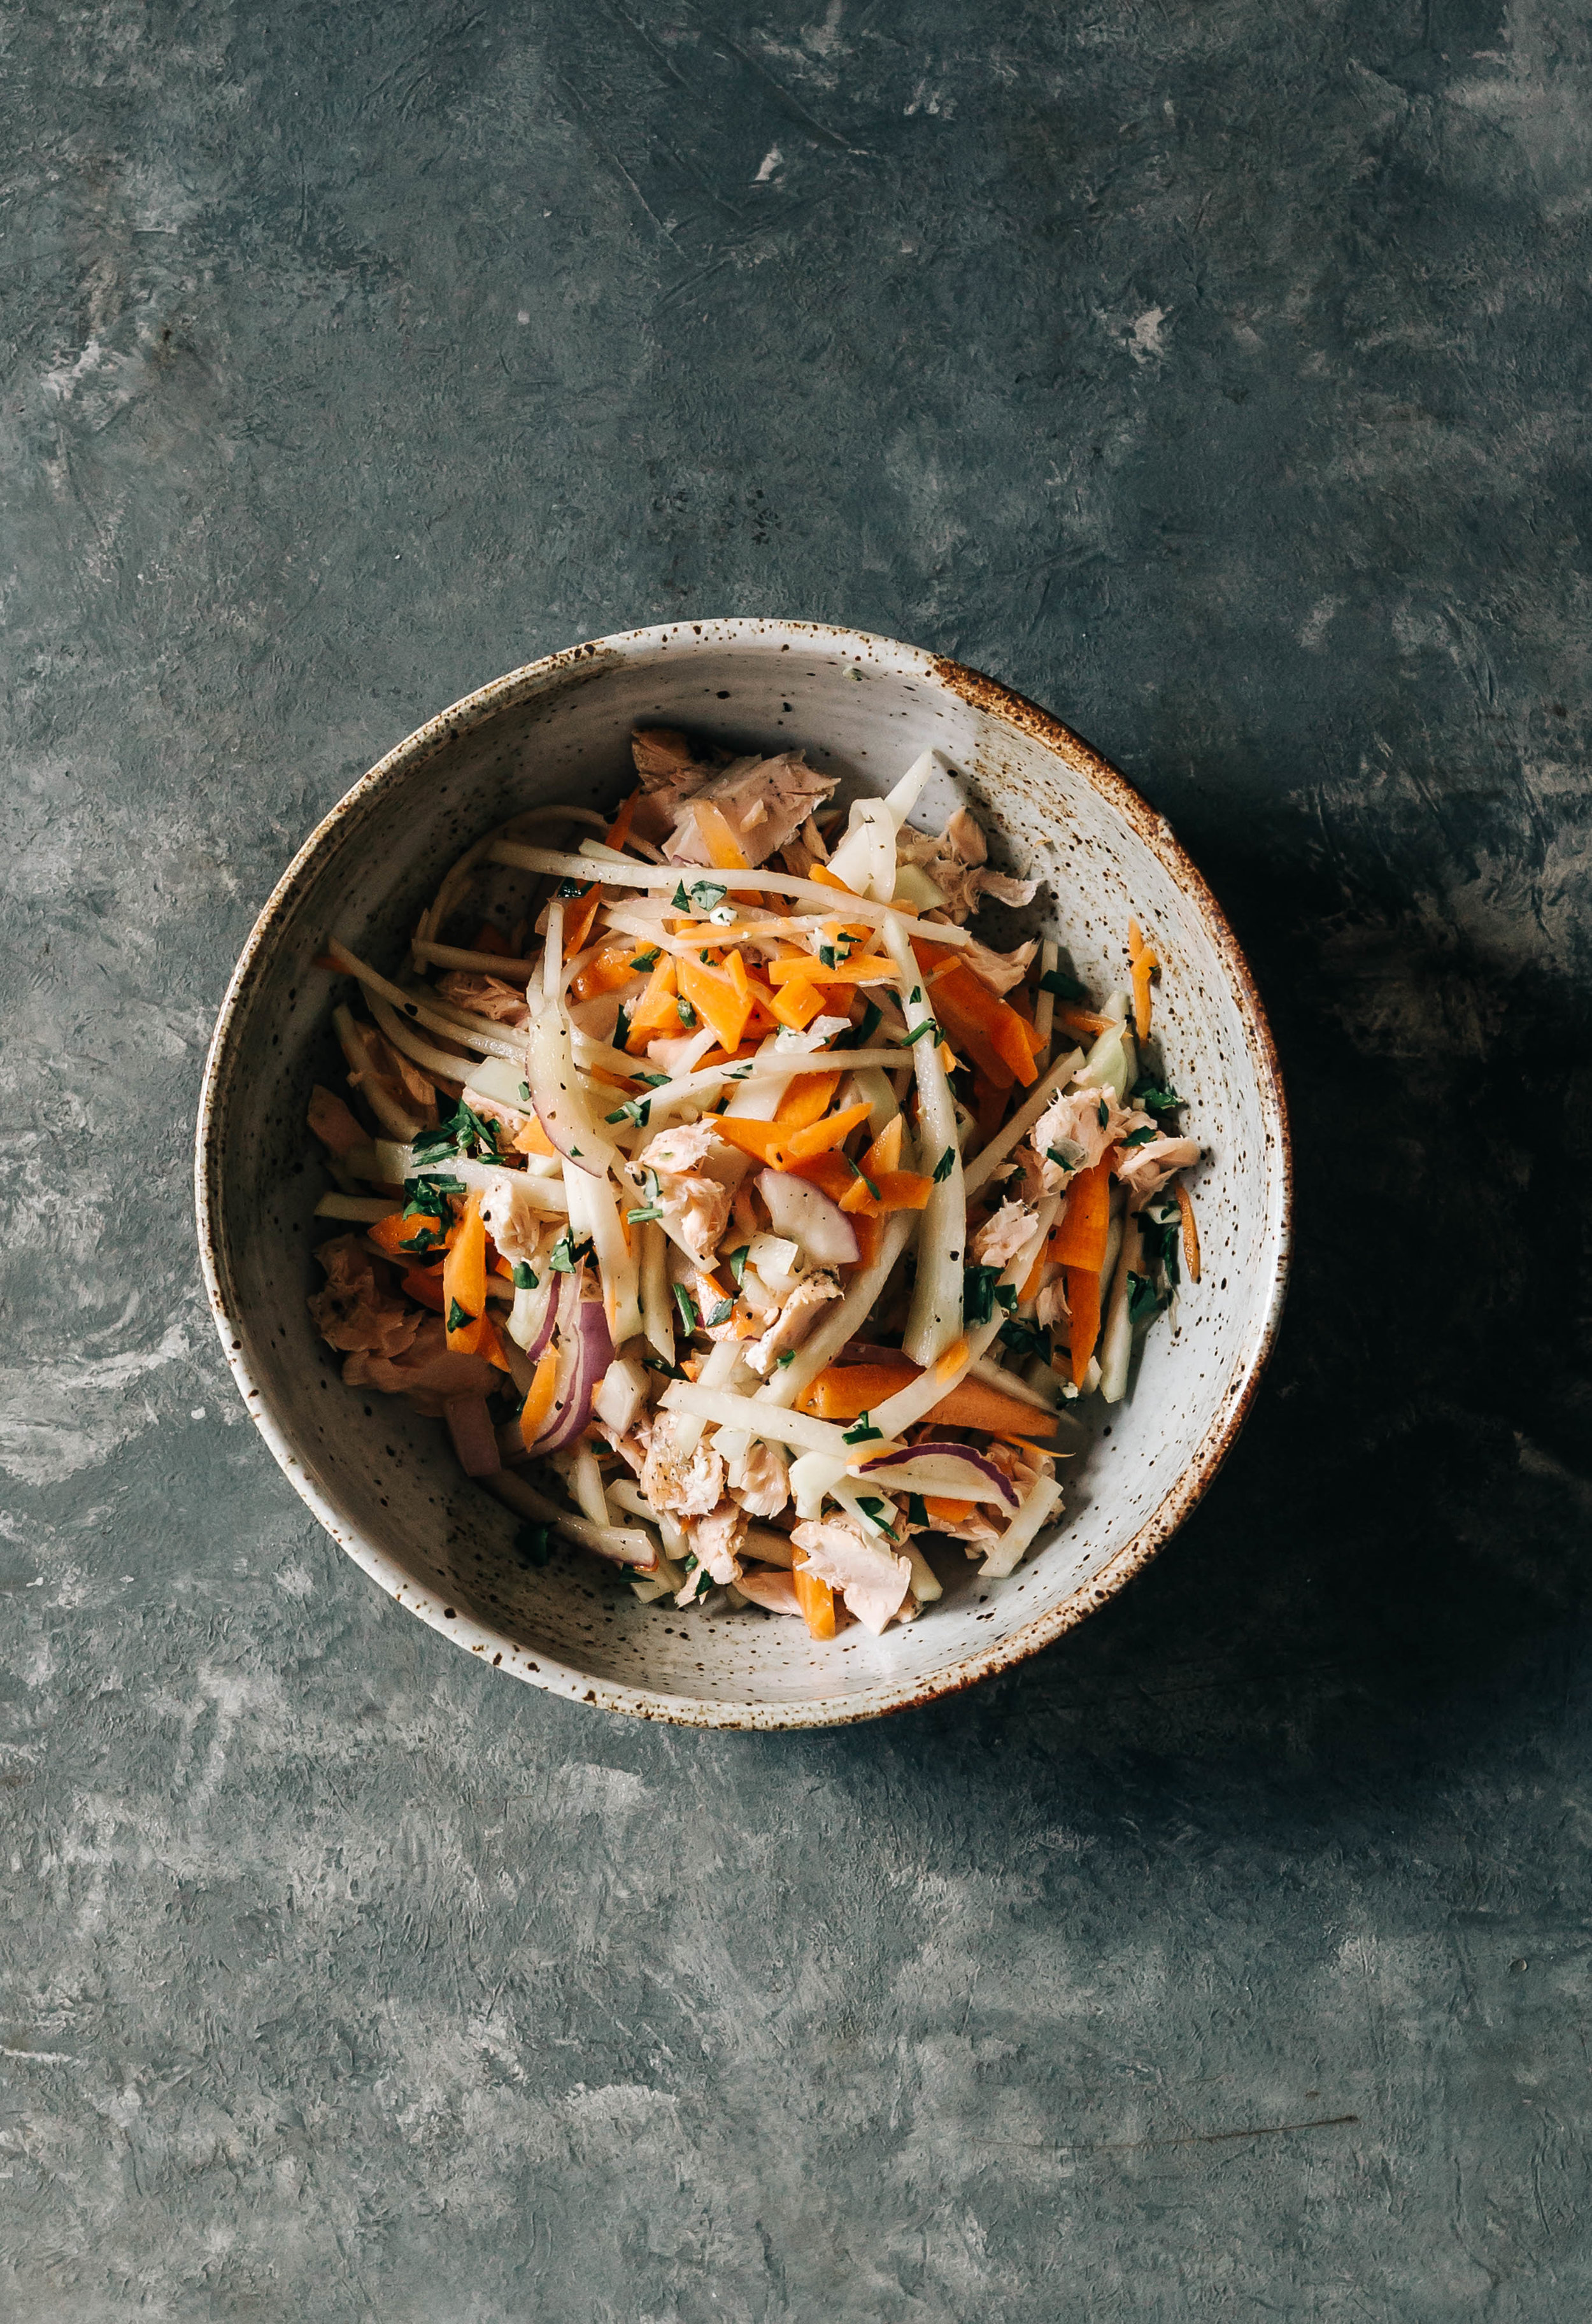 Kohlrabi & Carrot Slaw with Smoked Tuna